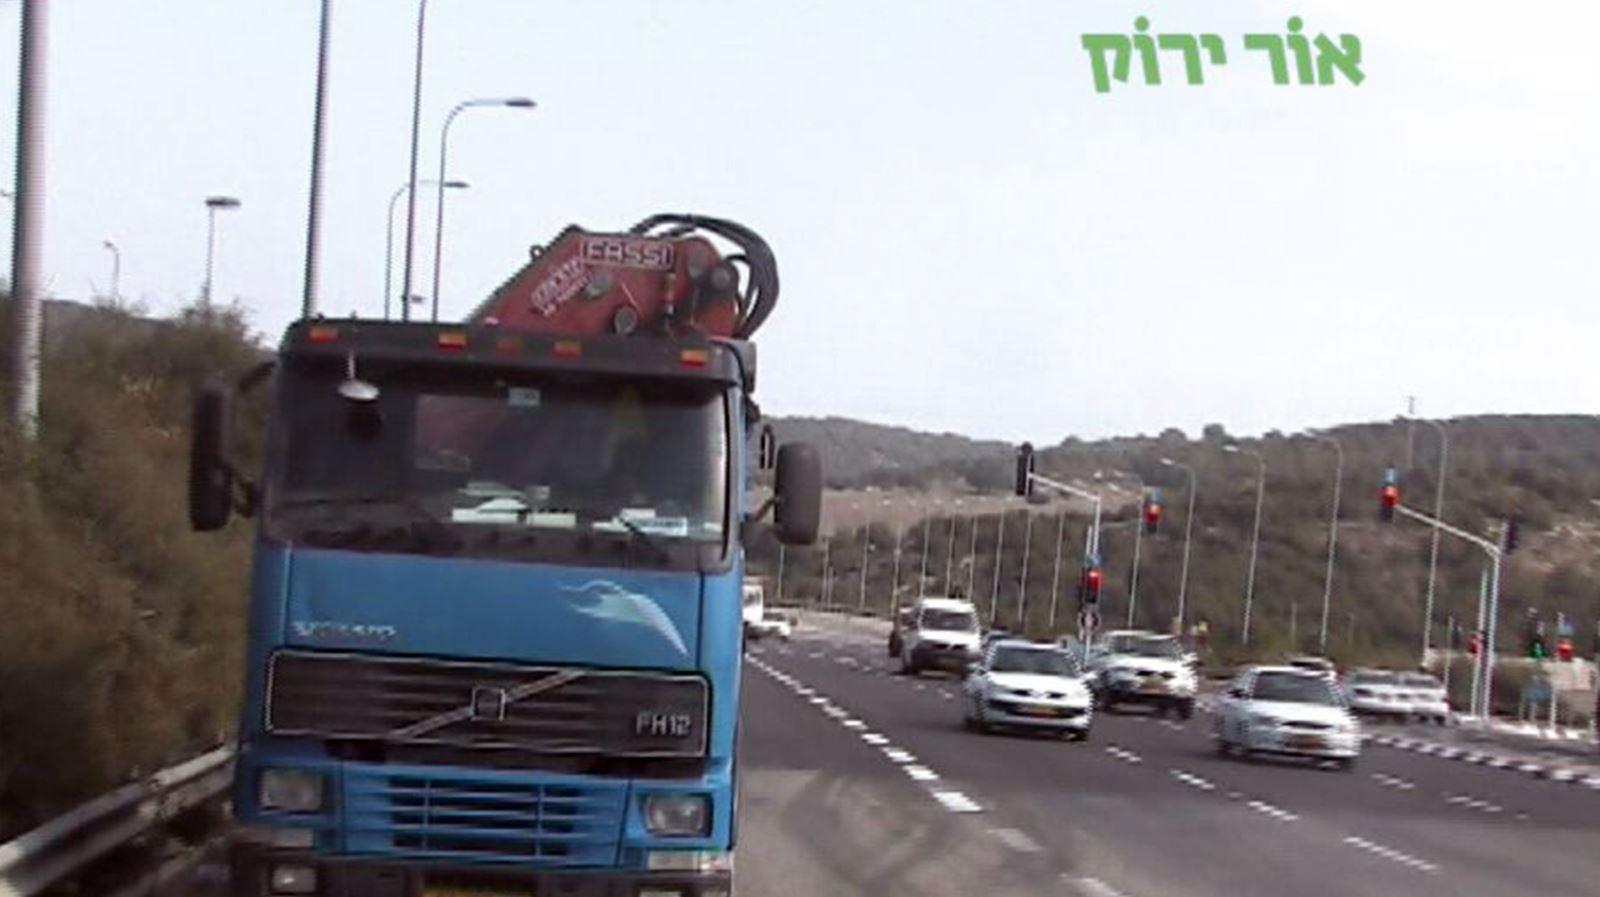 98 תאונות בהן היו מעורבים כלי רכב כבדים בעשור האחרון באילת